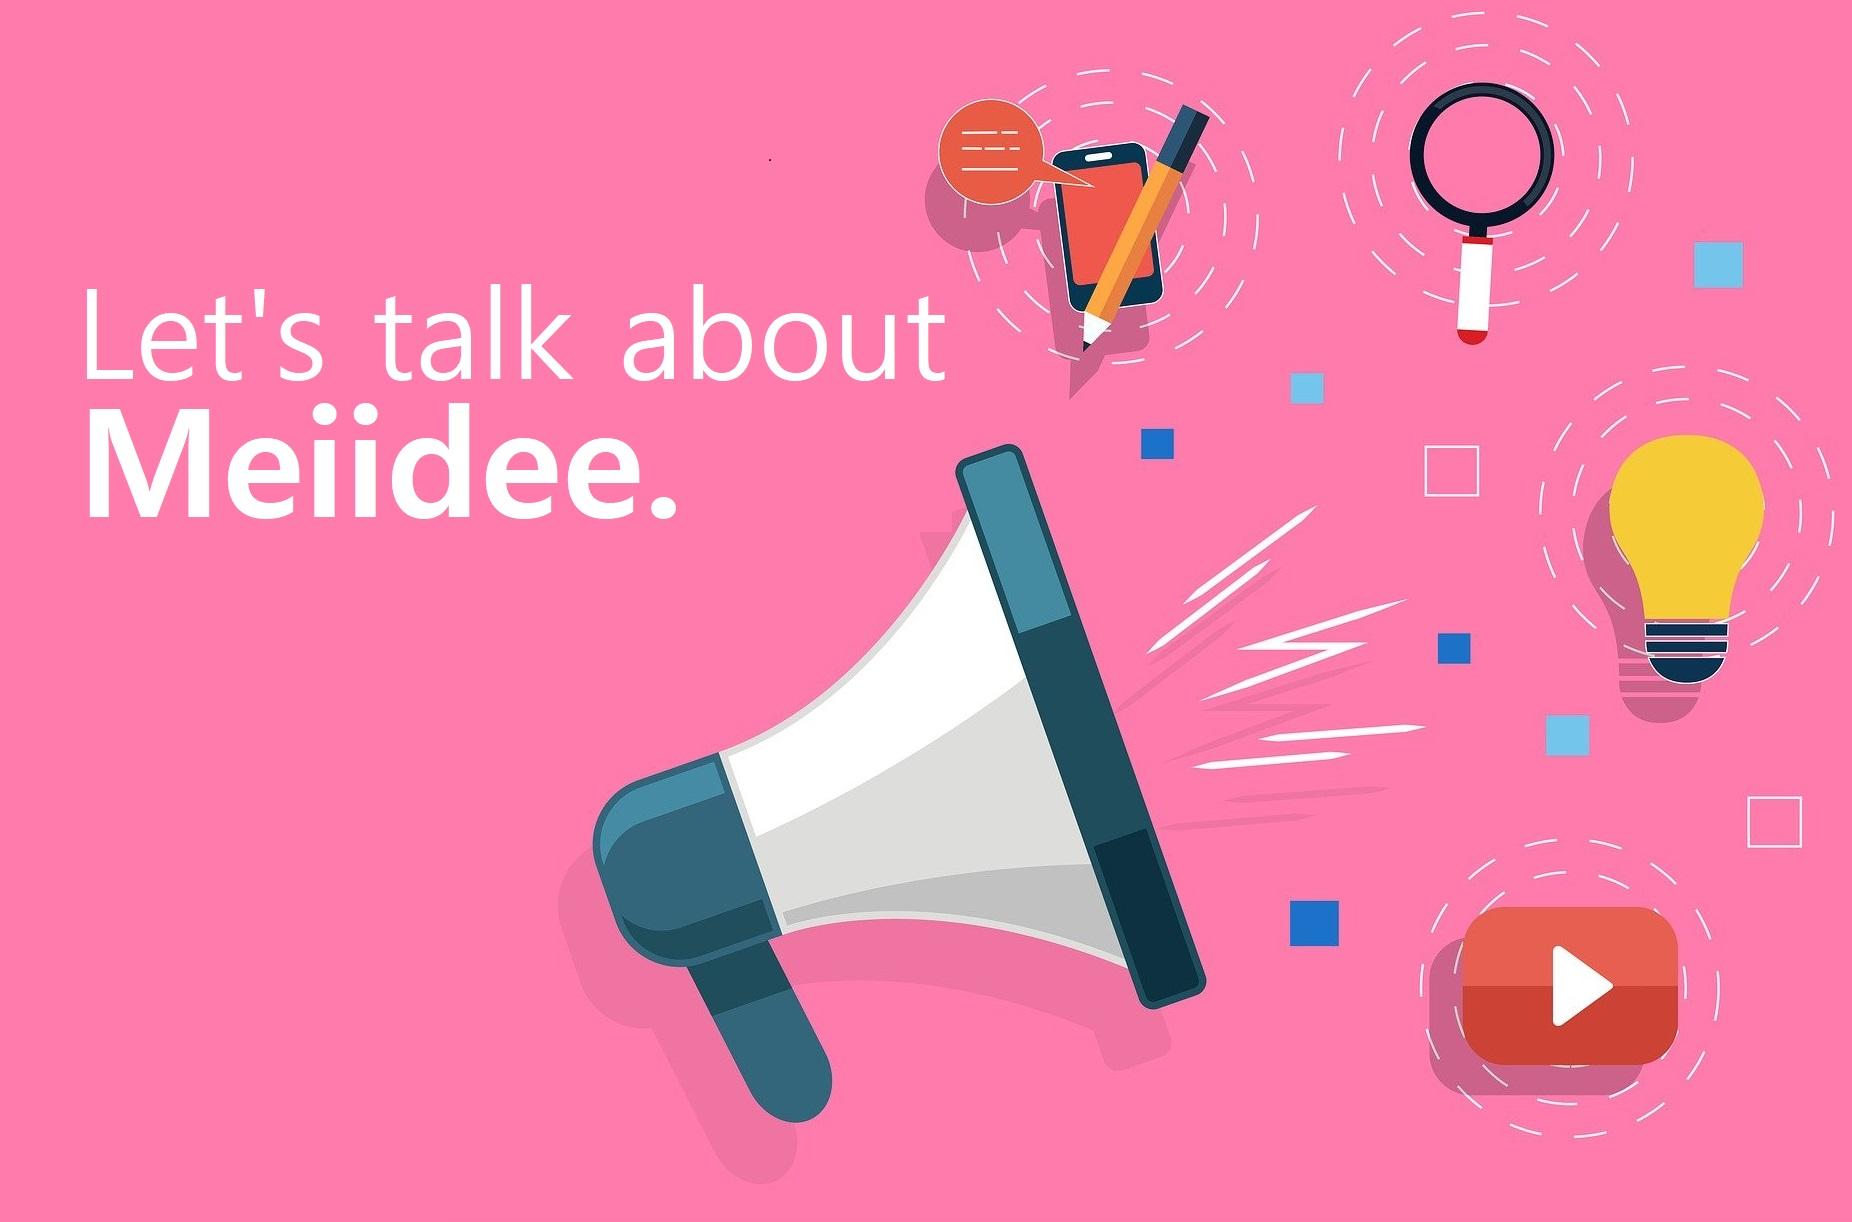 Let's talk about Meiidee! – seriöses, internes, ehrliches und witziges über Meiidee